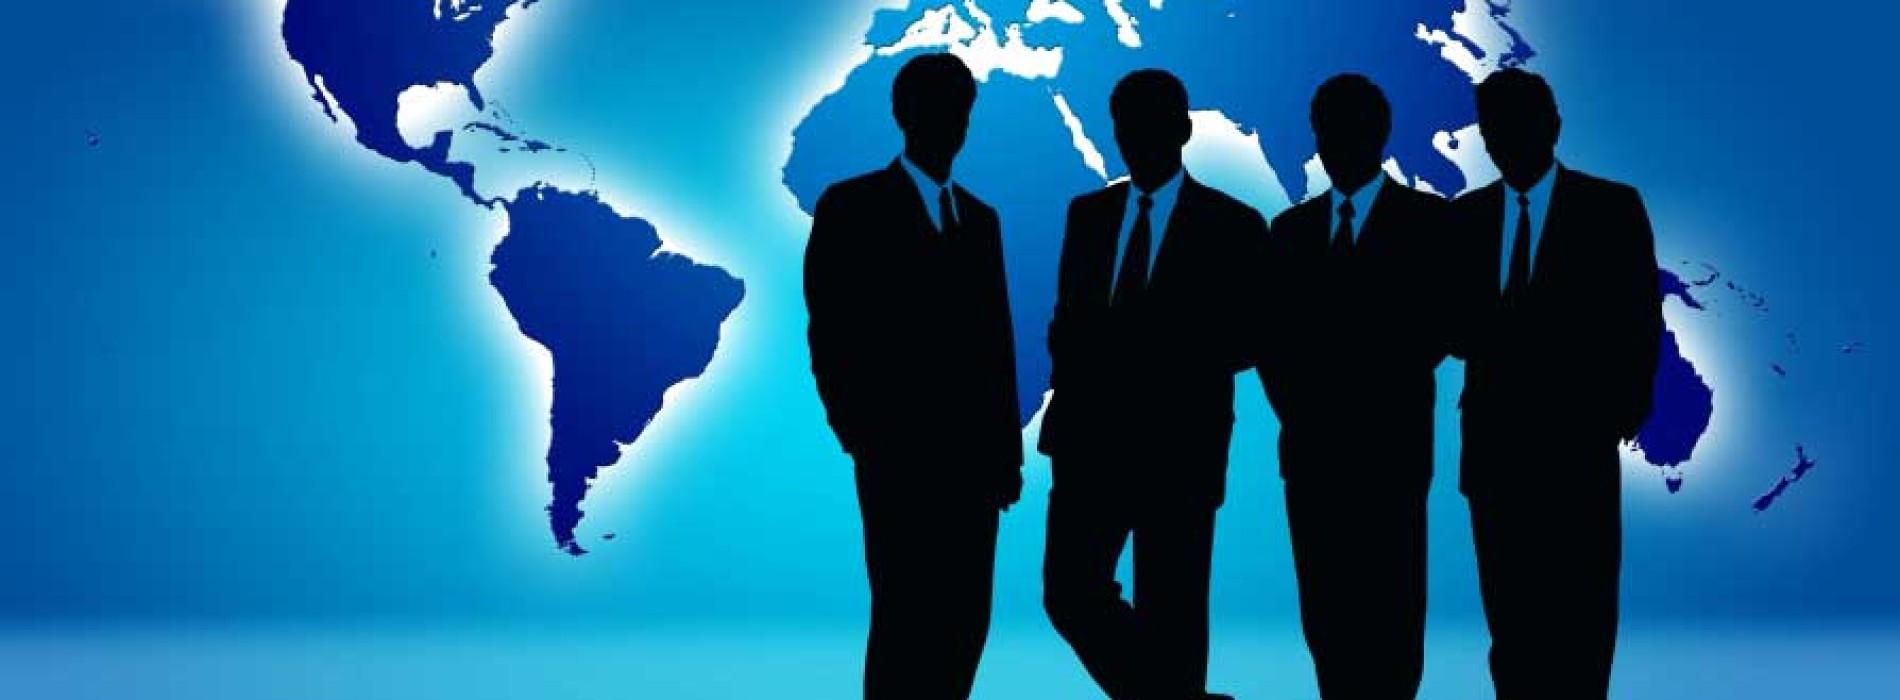 Polska niesprzyjającym państwem dla nowych przedsiębiorców?